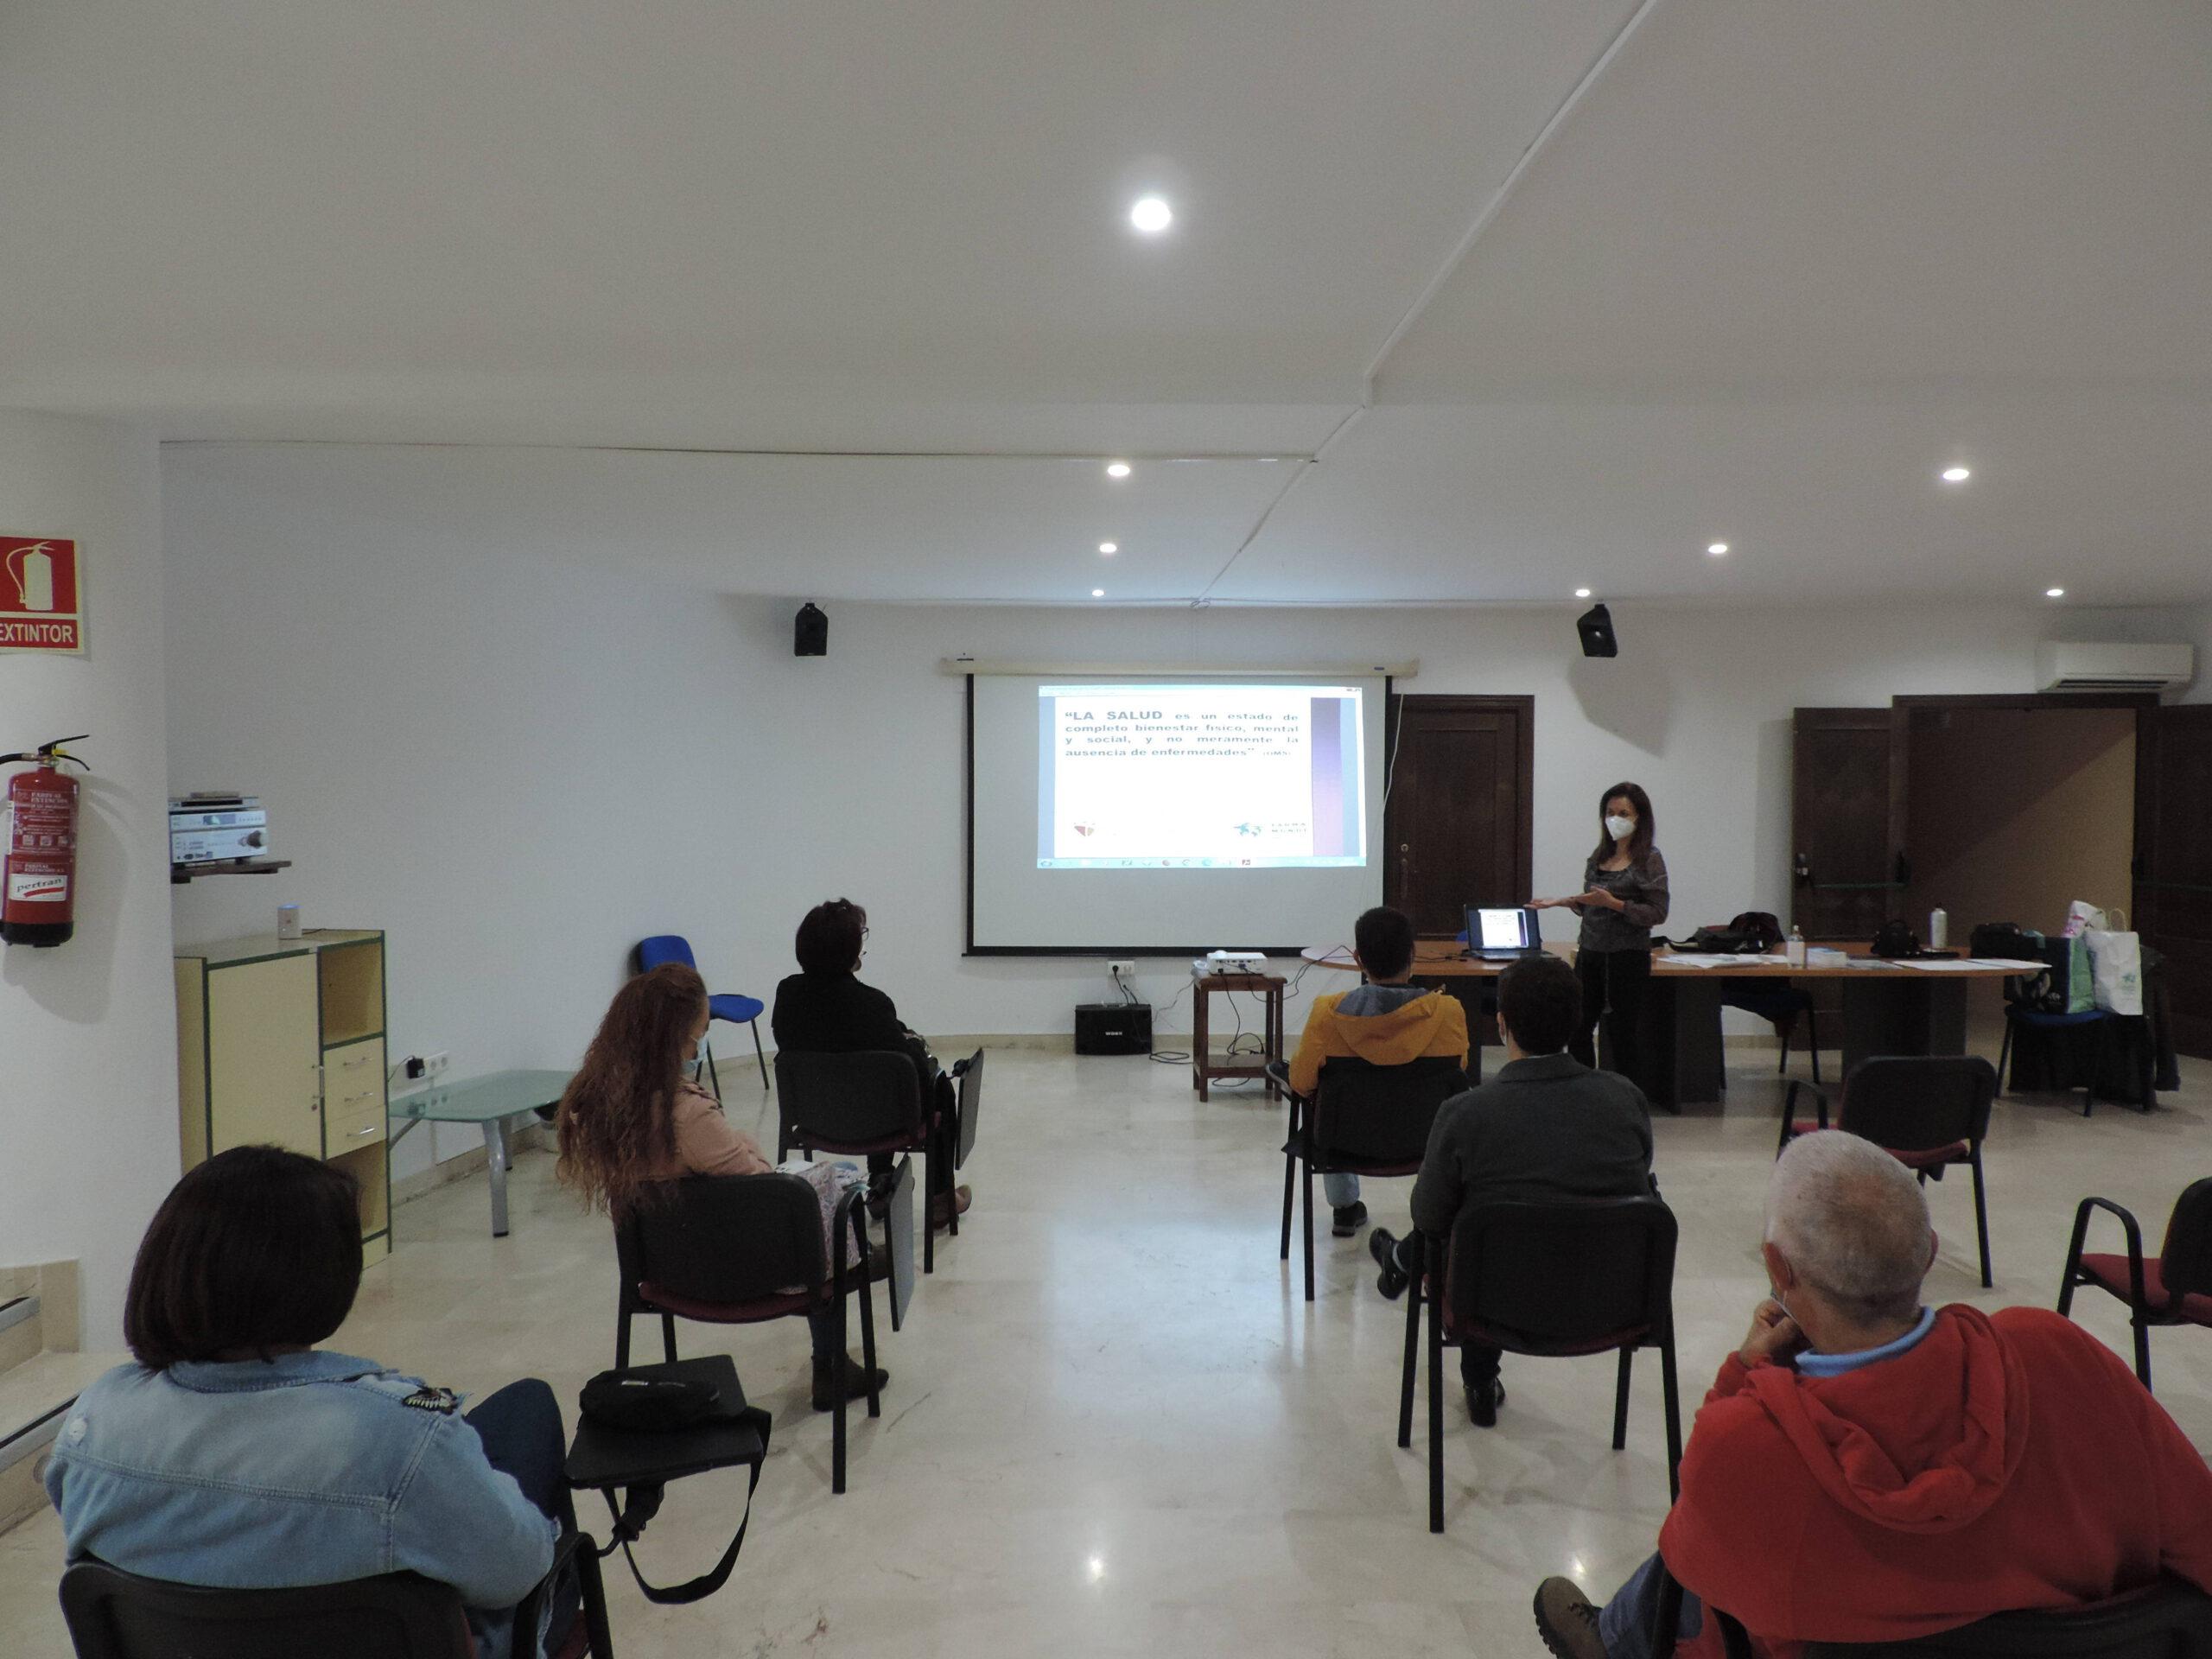 Guadalupe (Cáceres) y Logrosán (Cáceres) mapean los recursos de bienestar y salud de sus comunidades 2